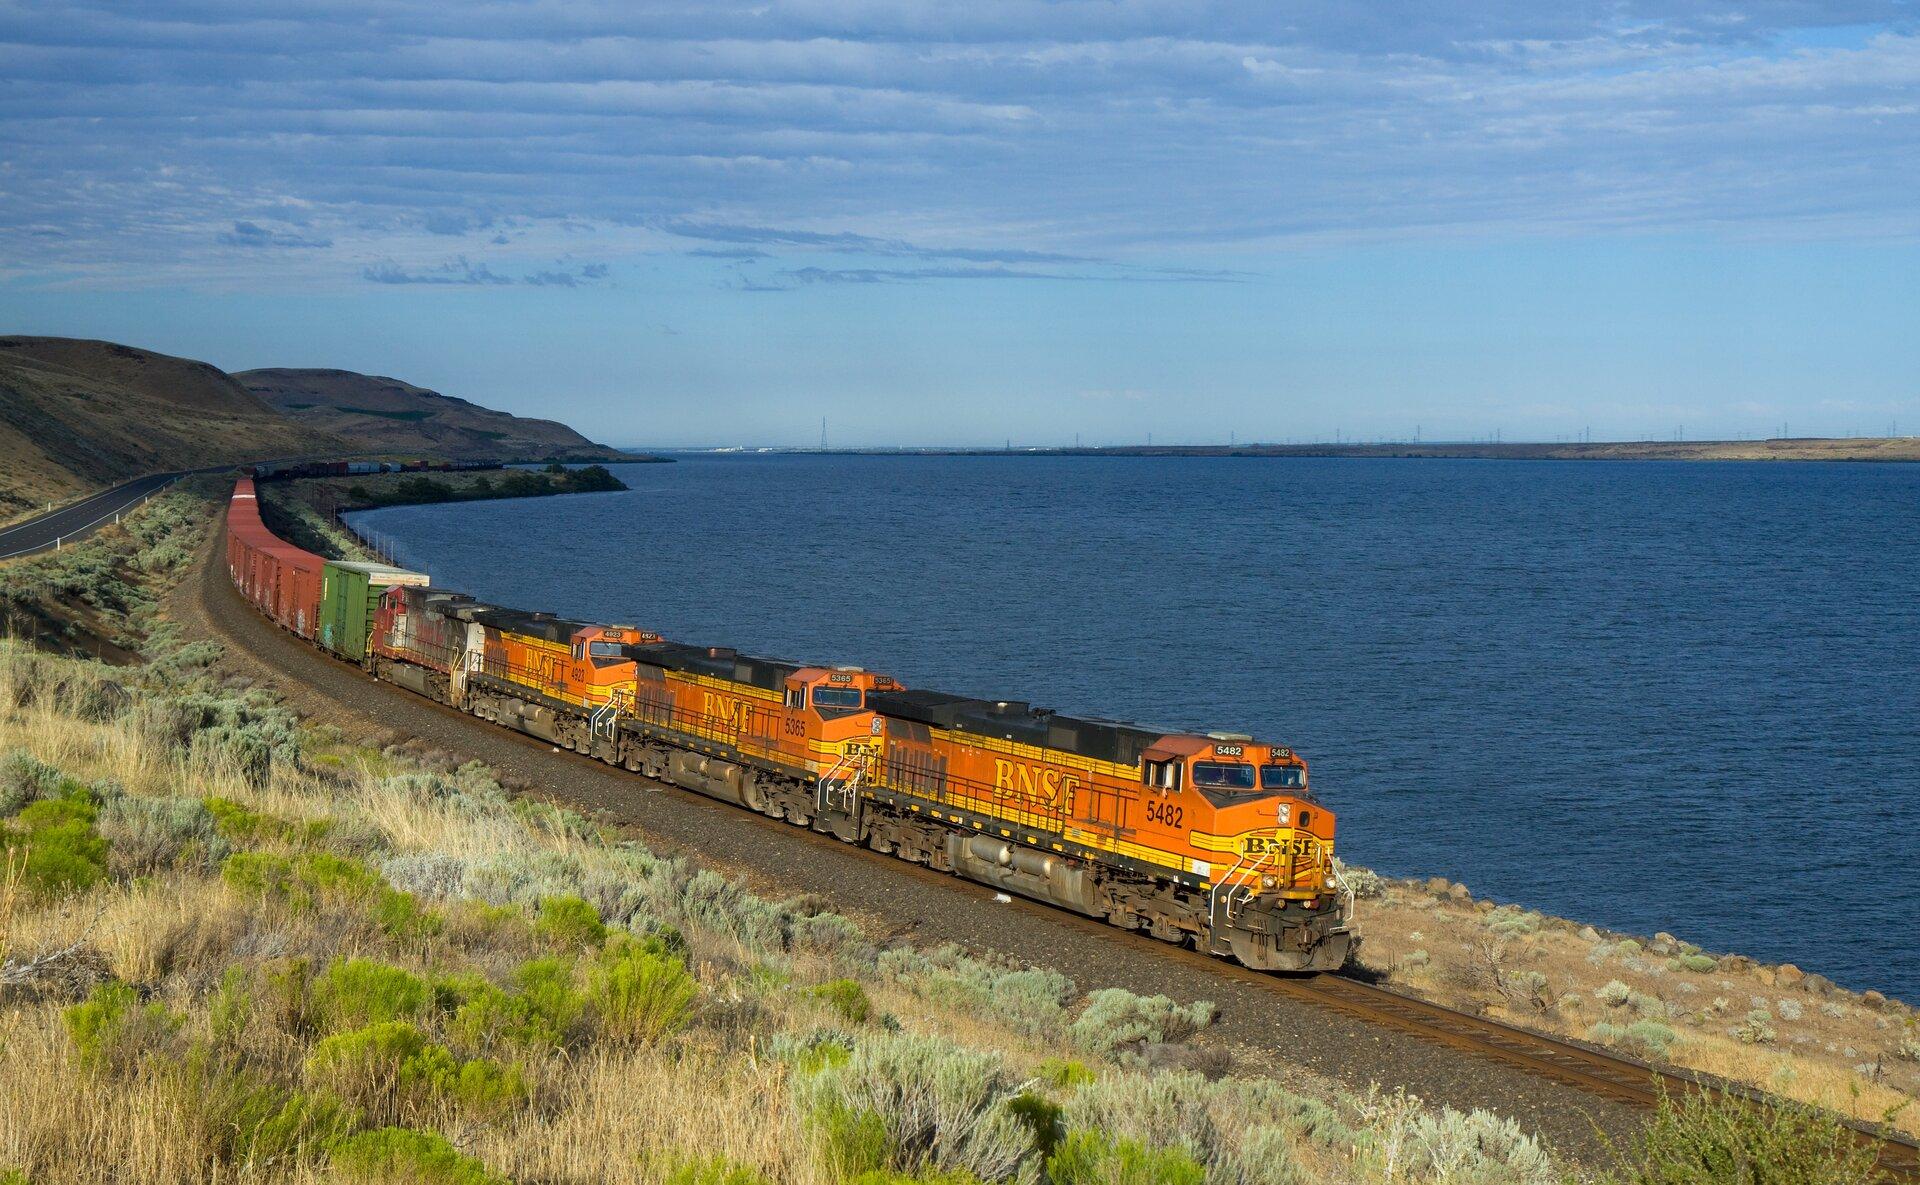 Na zdjęciu pociąg towarowy. Cztery lokomotywy, kilkanaście wagonów. Brak sieci trakcyjnej. Pociąg jedzie wzdłuż wybrzeża, po prawej stronie wtle morze. Na pierwszym planie krzaczasta roślinność. Po lewej stronie równolegle do linii kolejowej droga. Wzdłuż drogi pasmo gór.